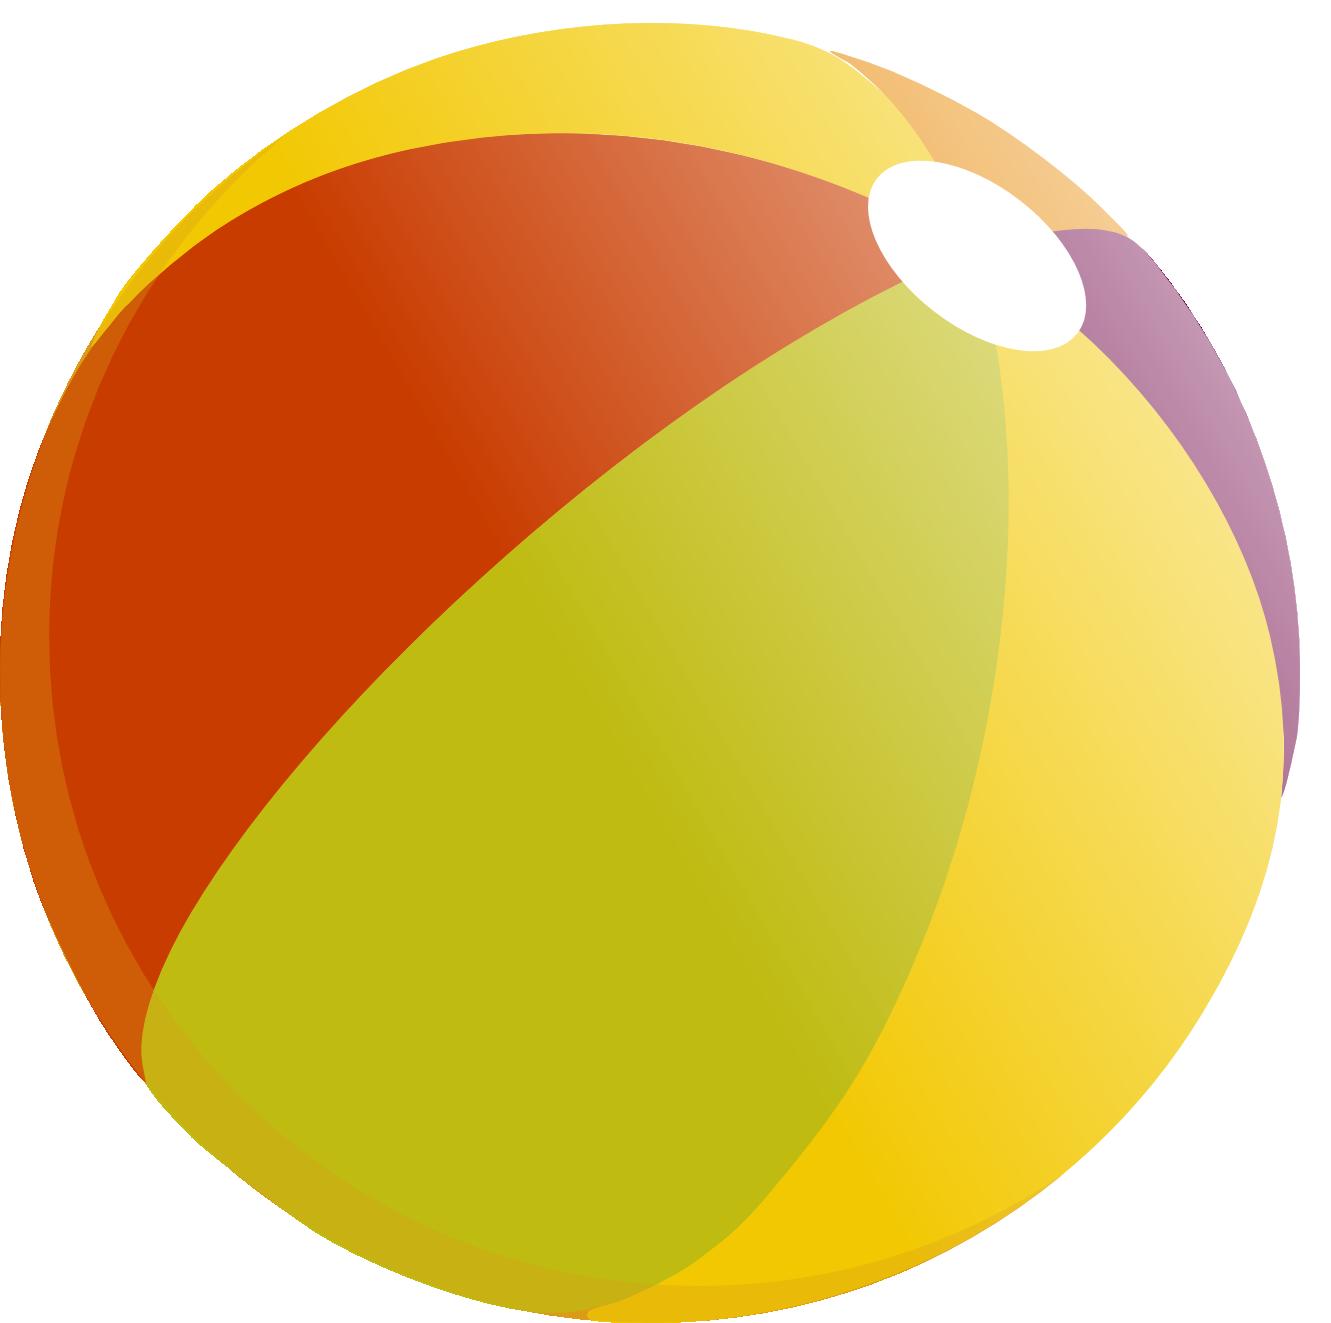 1331x1323 Free Beach Ball Clip Art Image 1 3